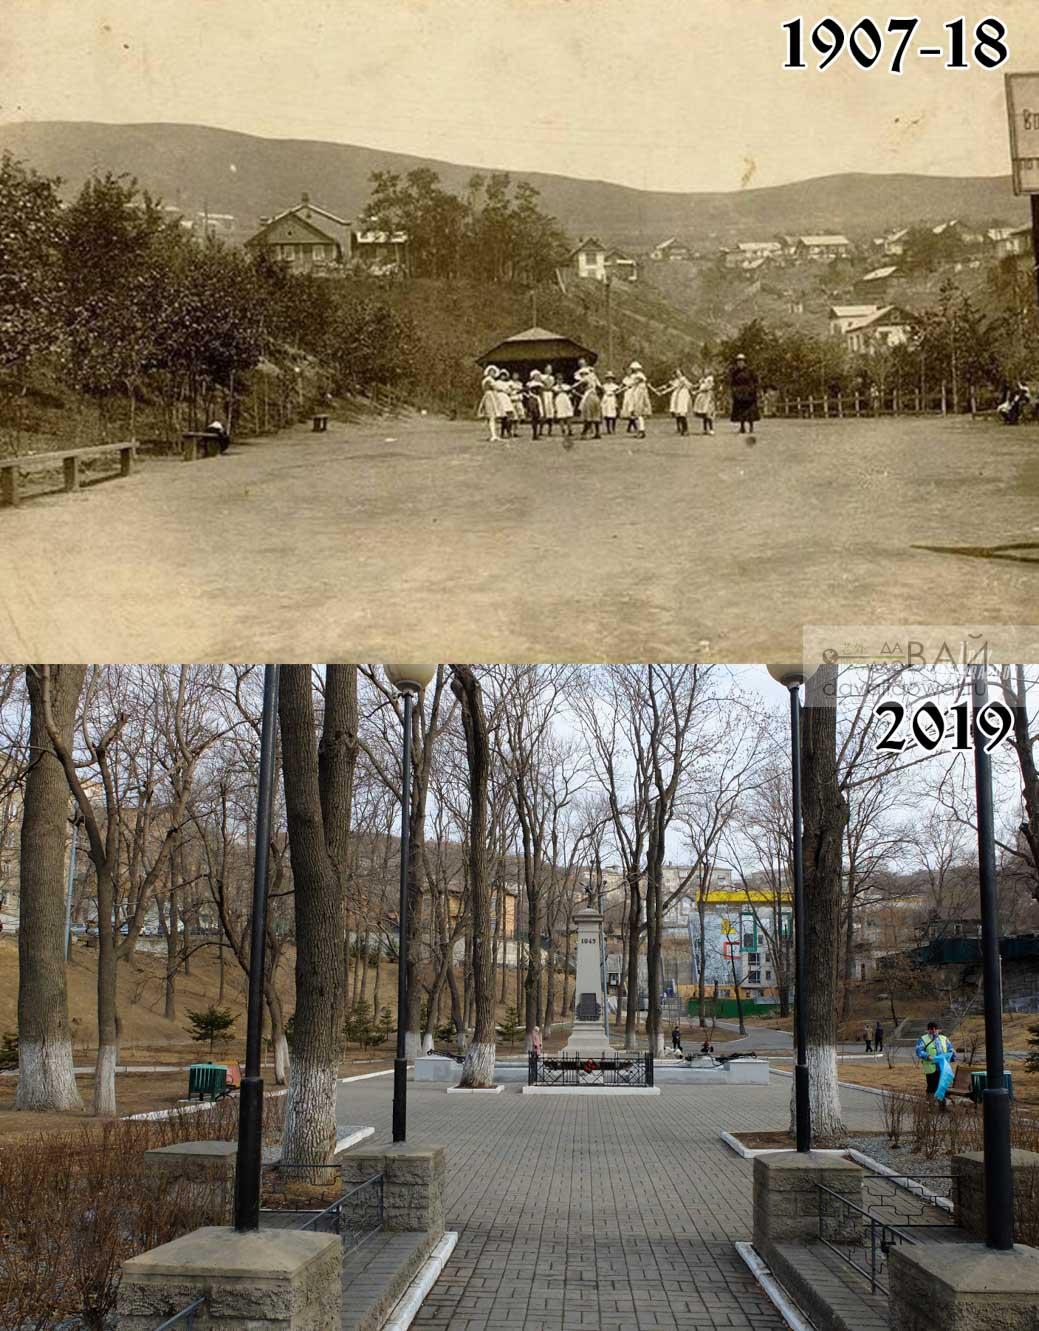 Гайдамакский овраг засыпали в 1907 году, и на этом месте сделали сквер. Зеленая пустая лужайка была лучше хаотично посаженых деревьев, да?